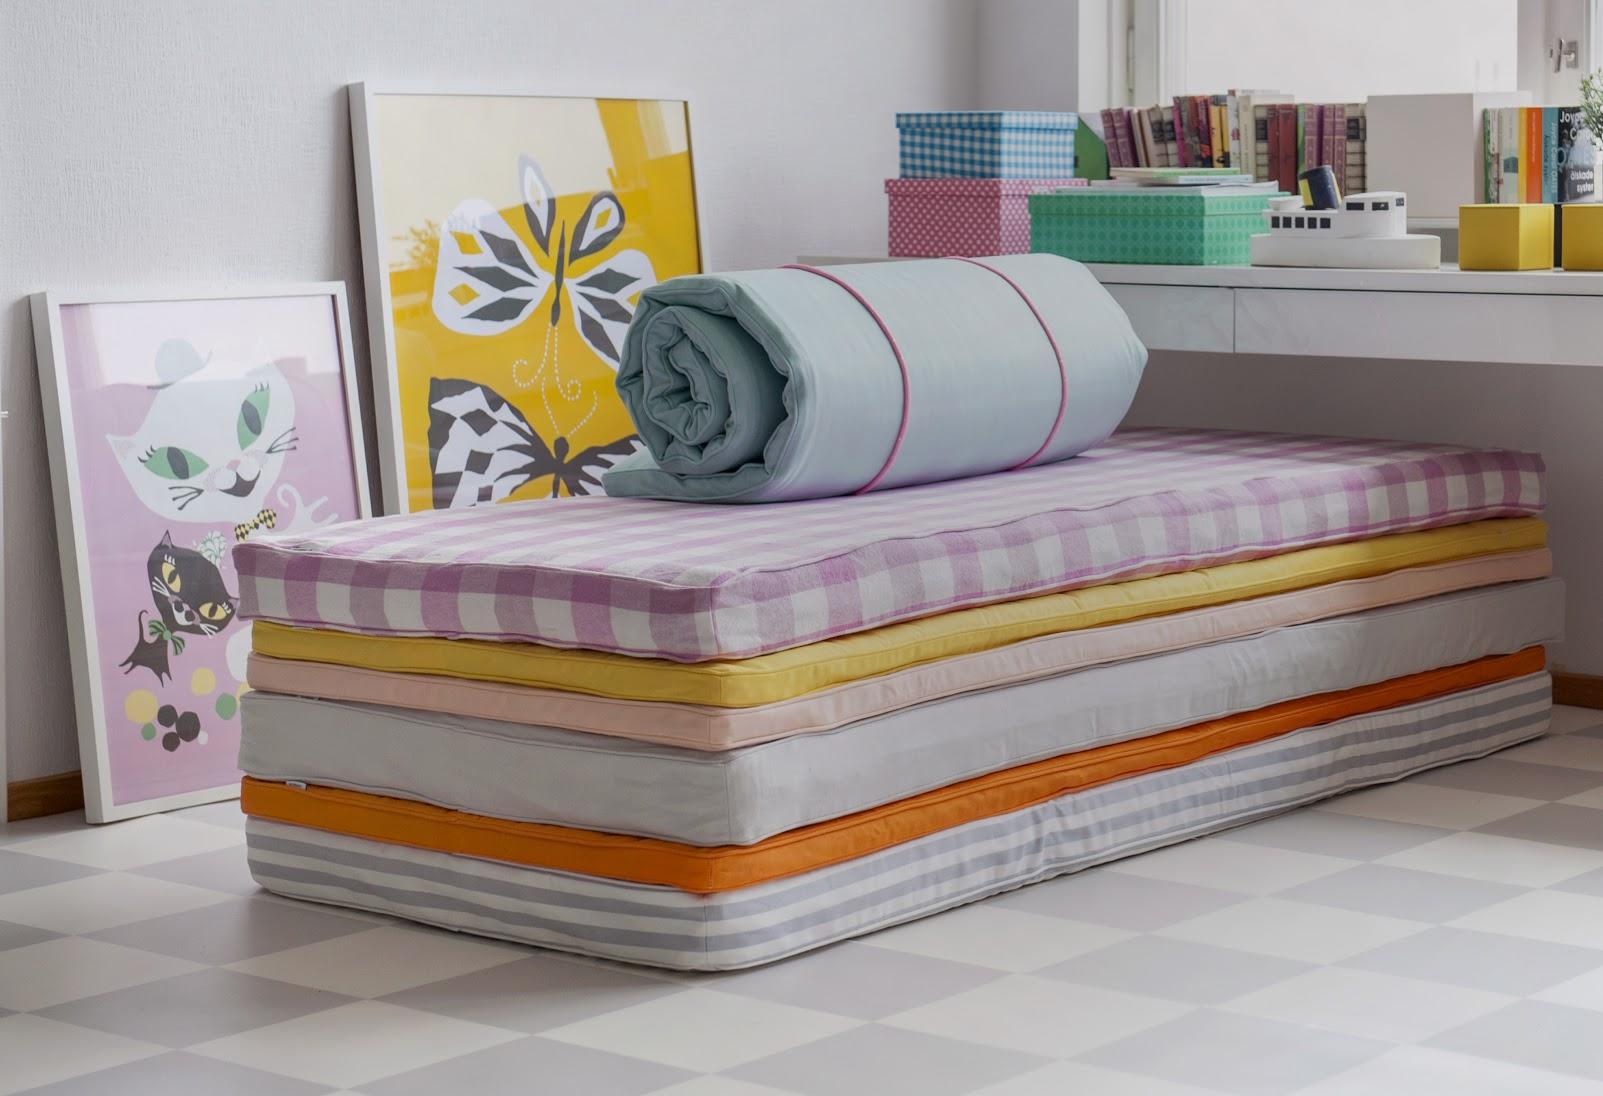 Personnaliser ses meubles ikea - Donner ses meubles a une association ...